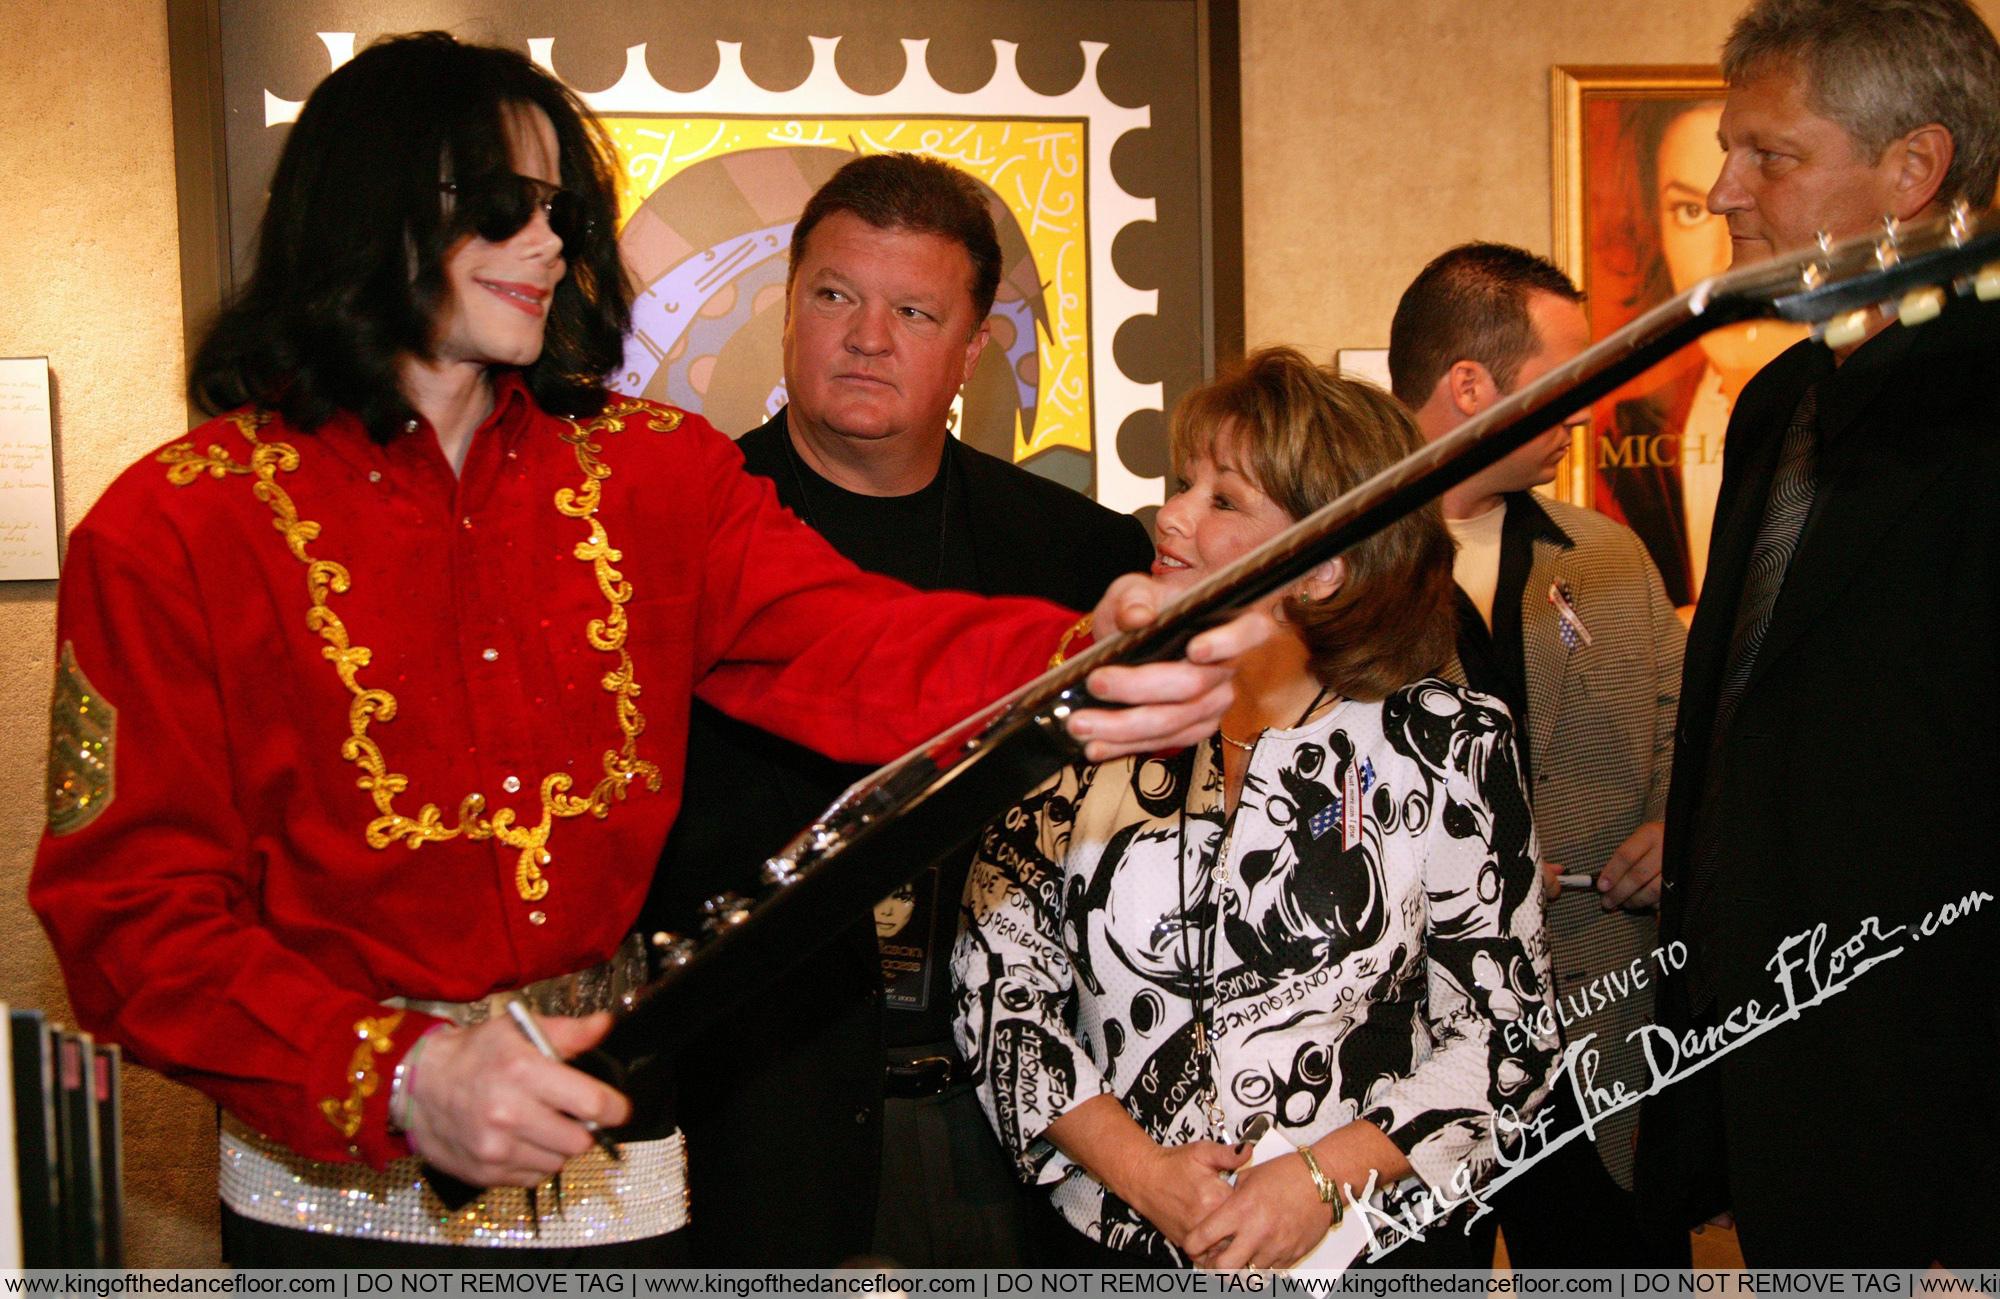 Mike Signing gitarre